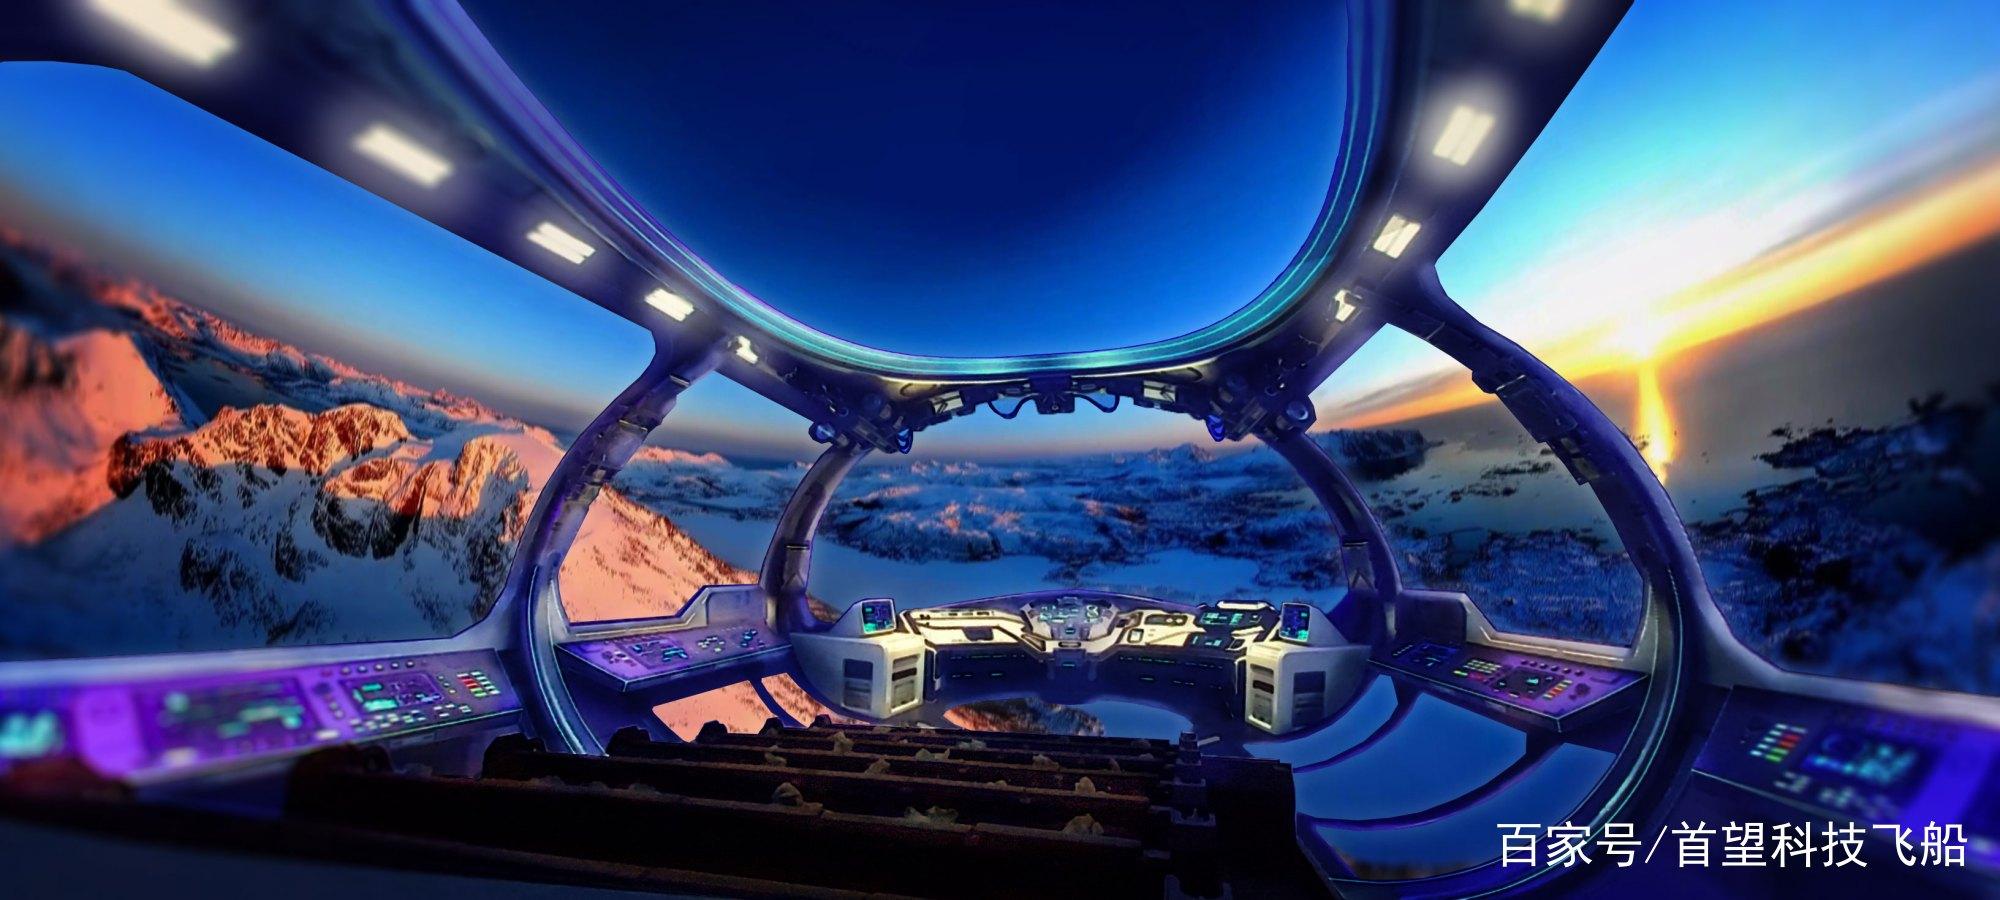 720穿越飞船 让虚拟现实世界变为现实